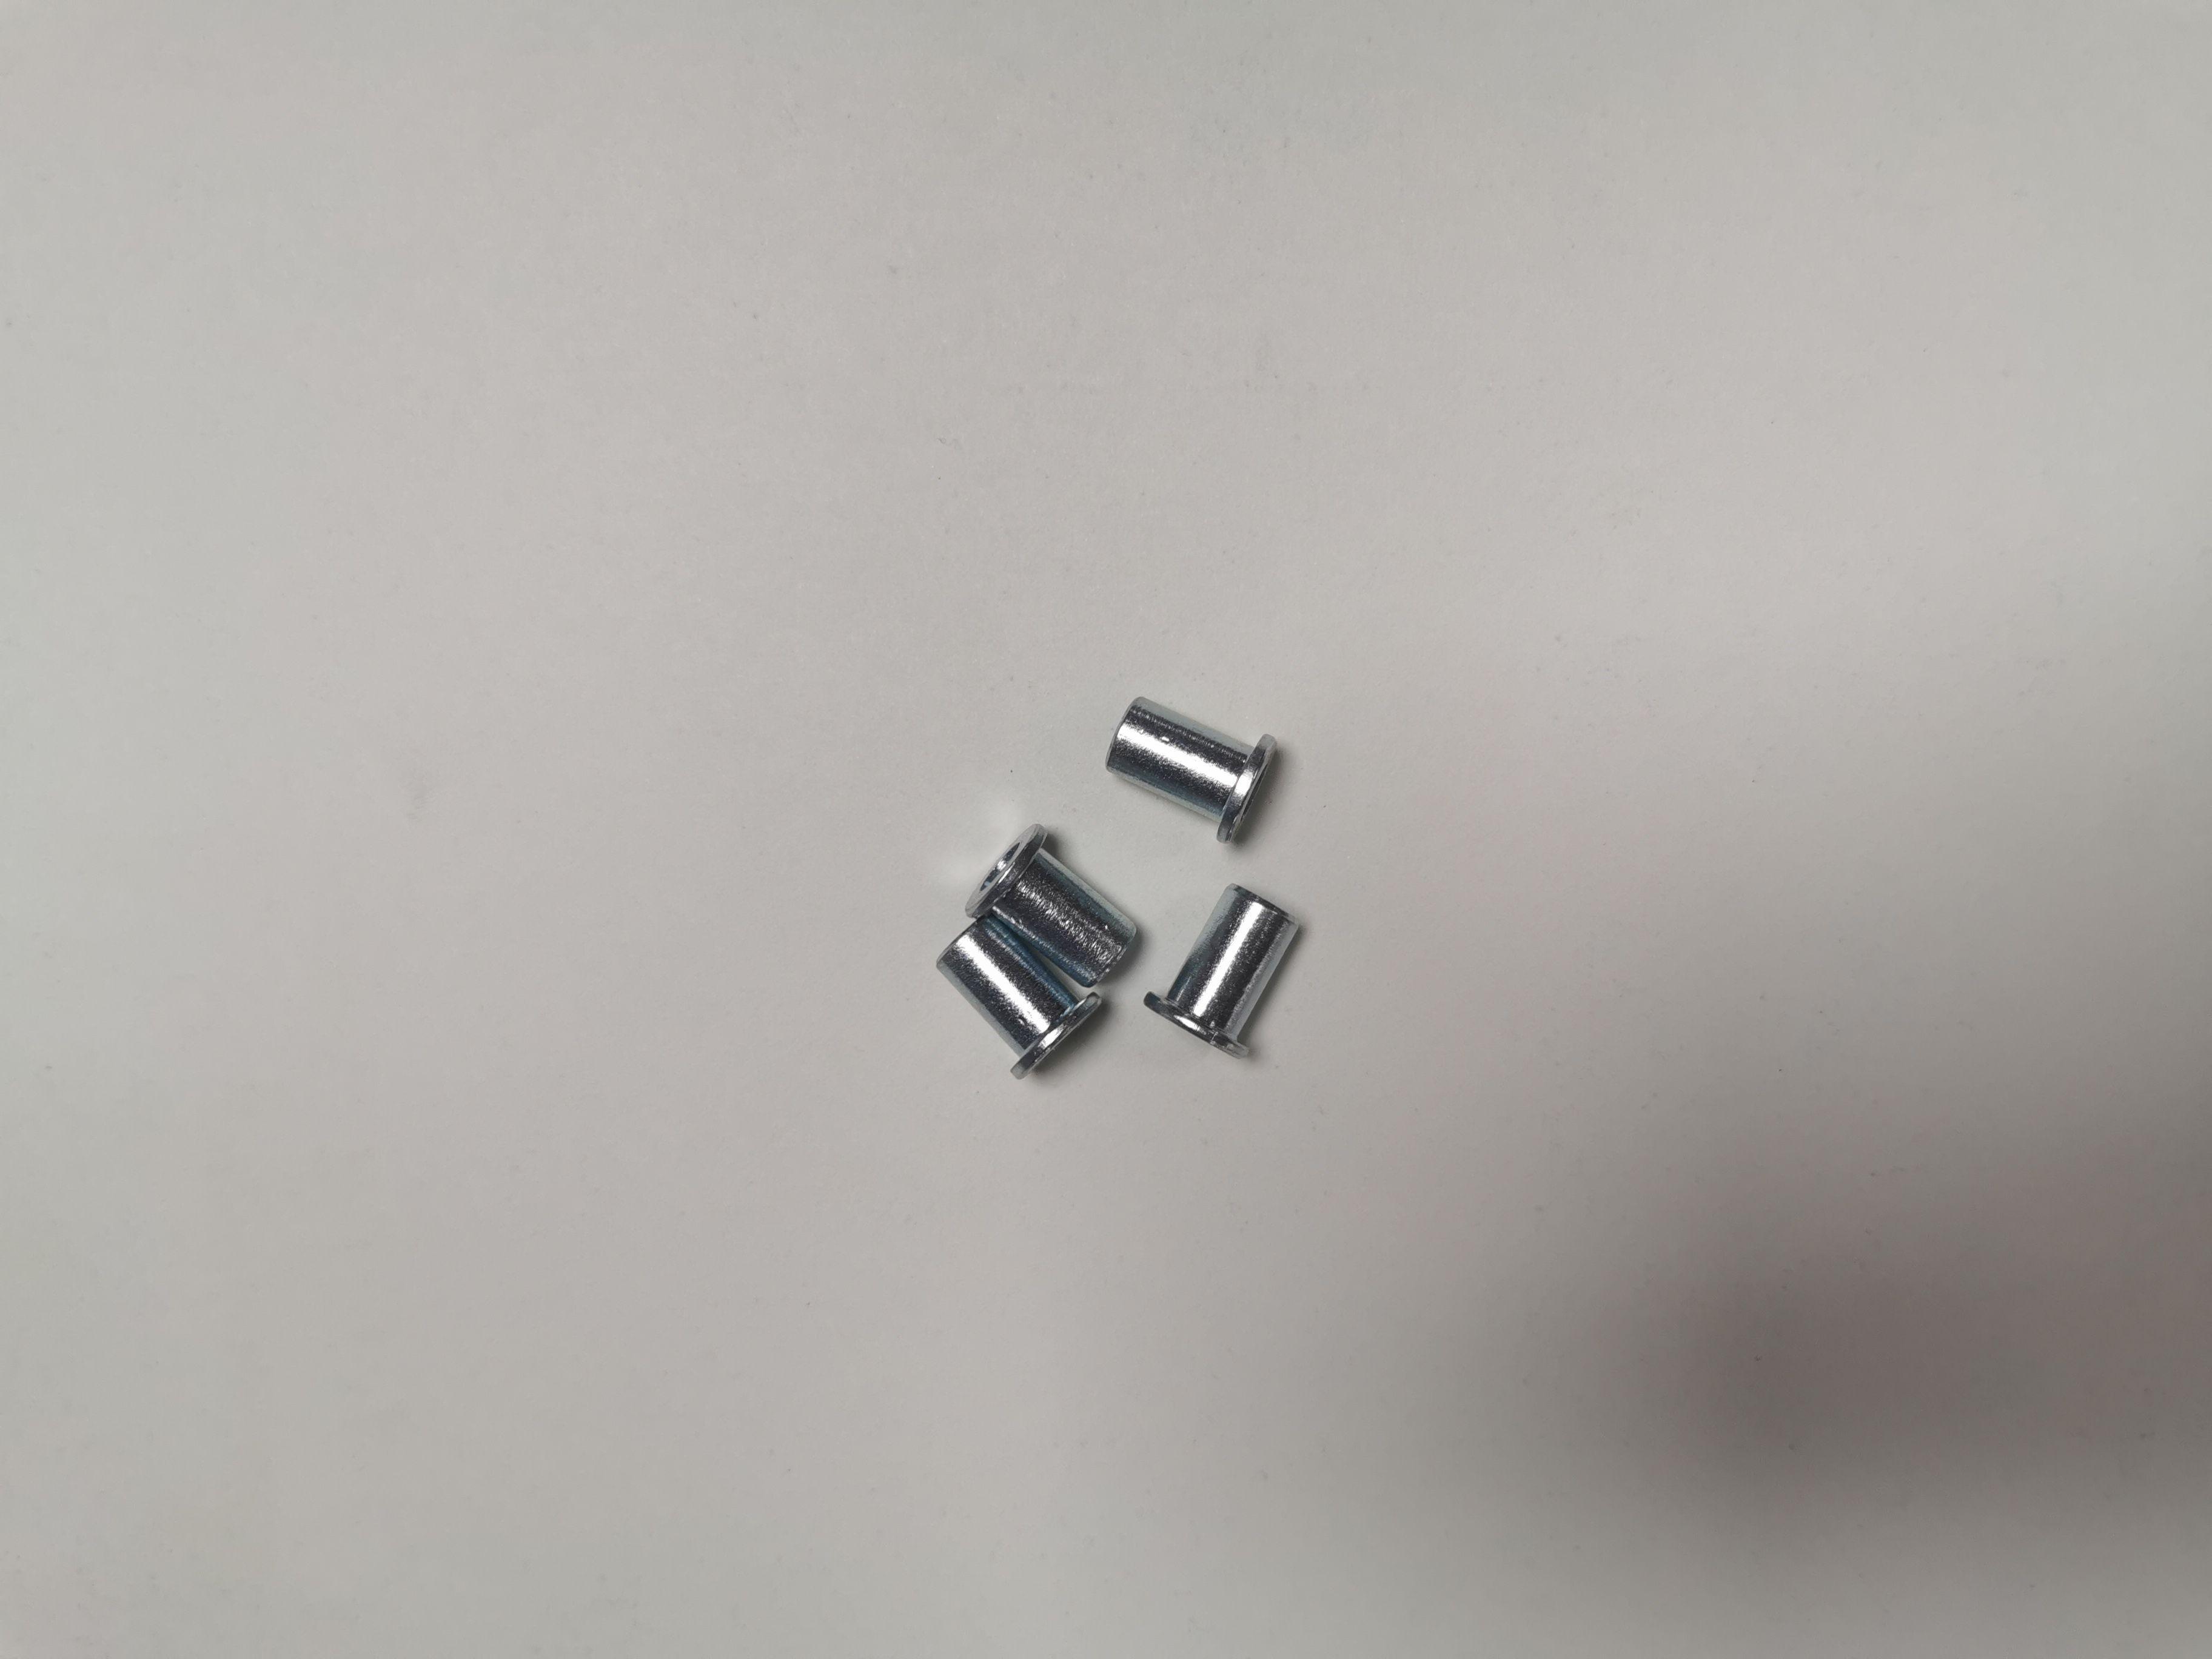 非标定制不锈钢空心铆钉 平头铆钉 可定制